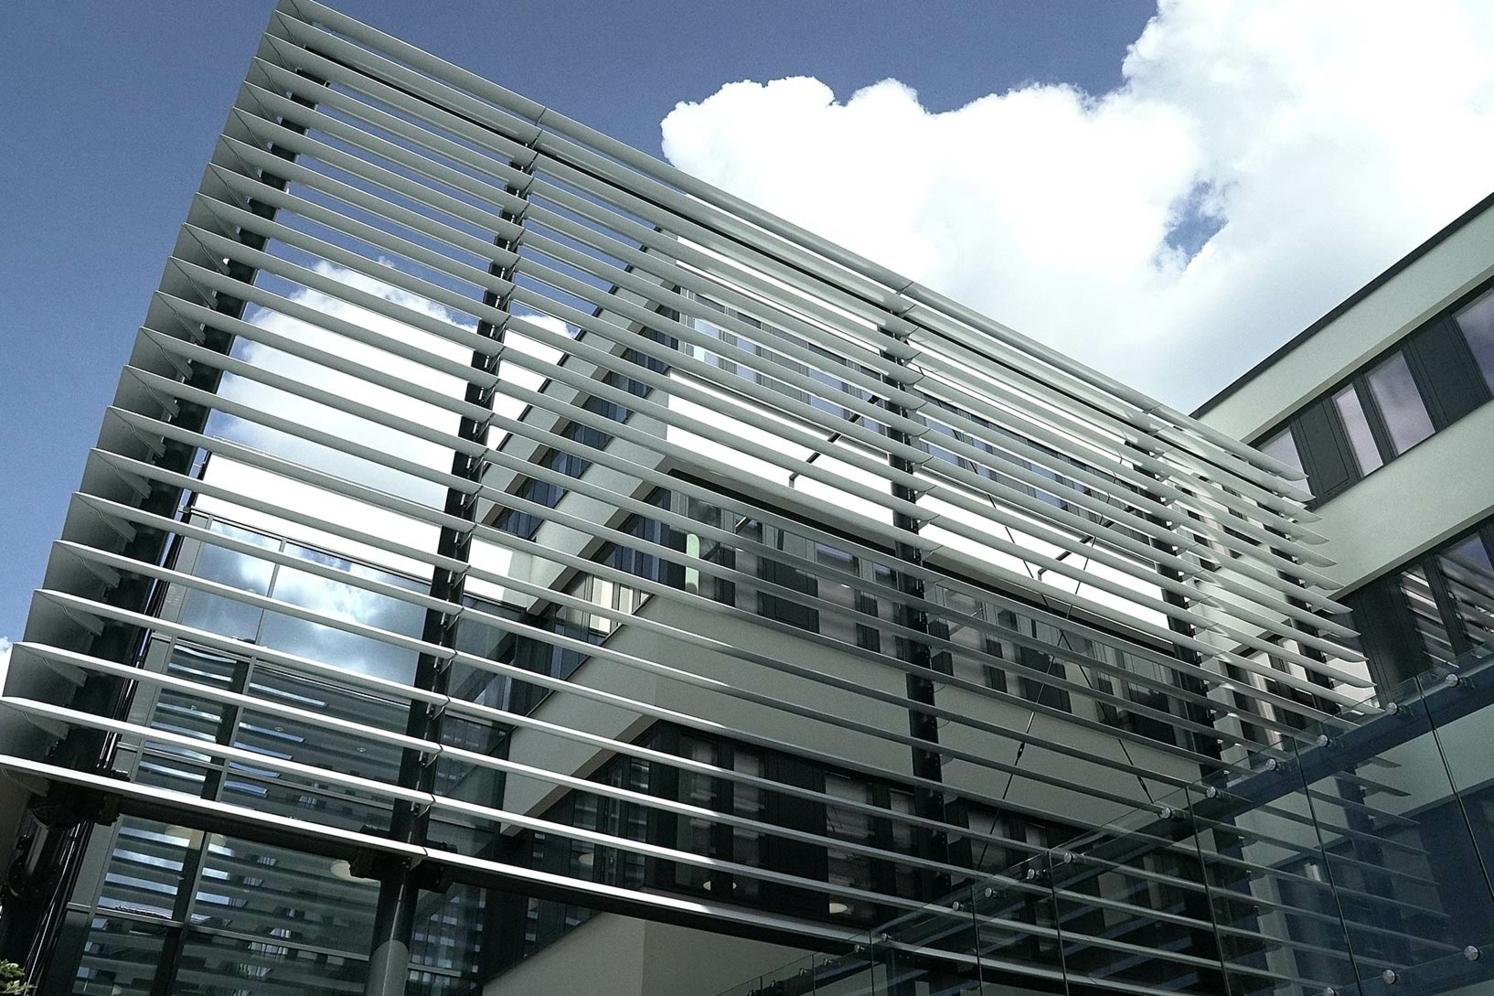 Nieuw gebouw Dörken 2020